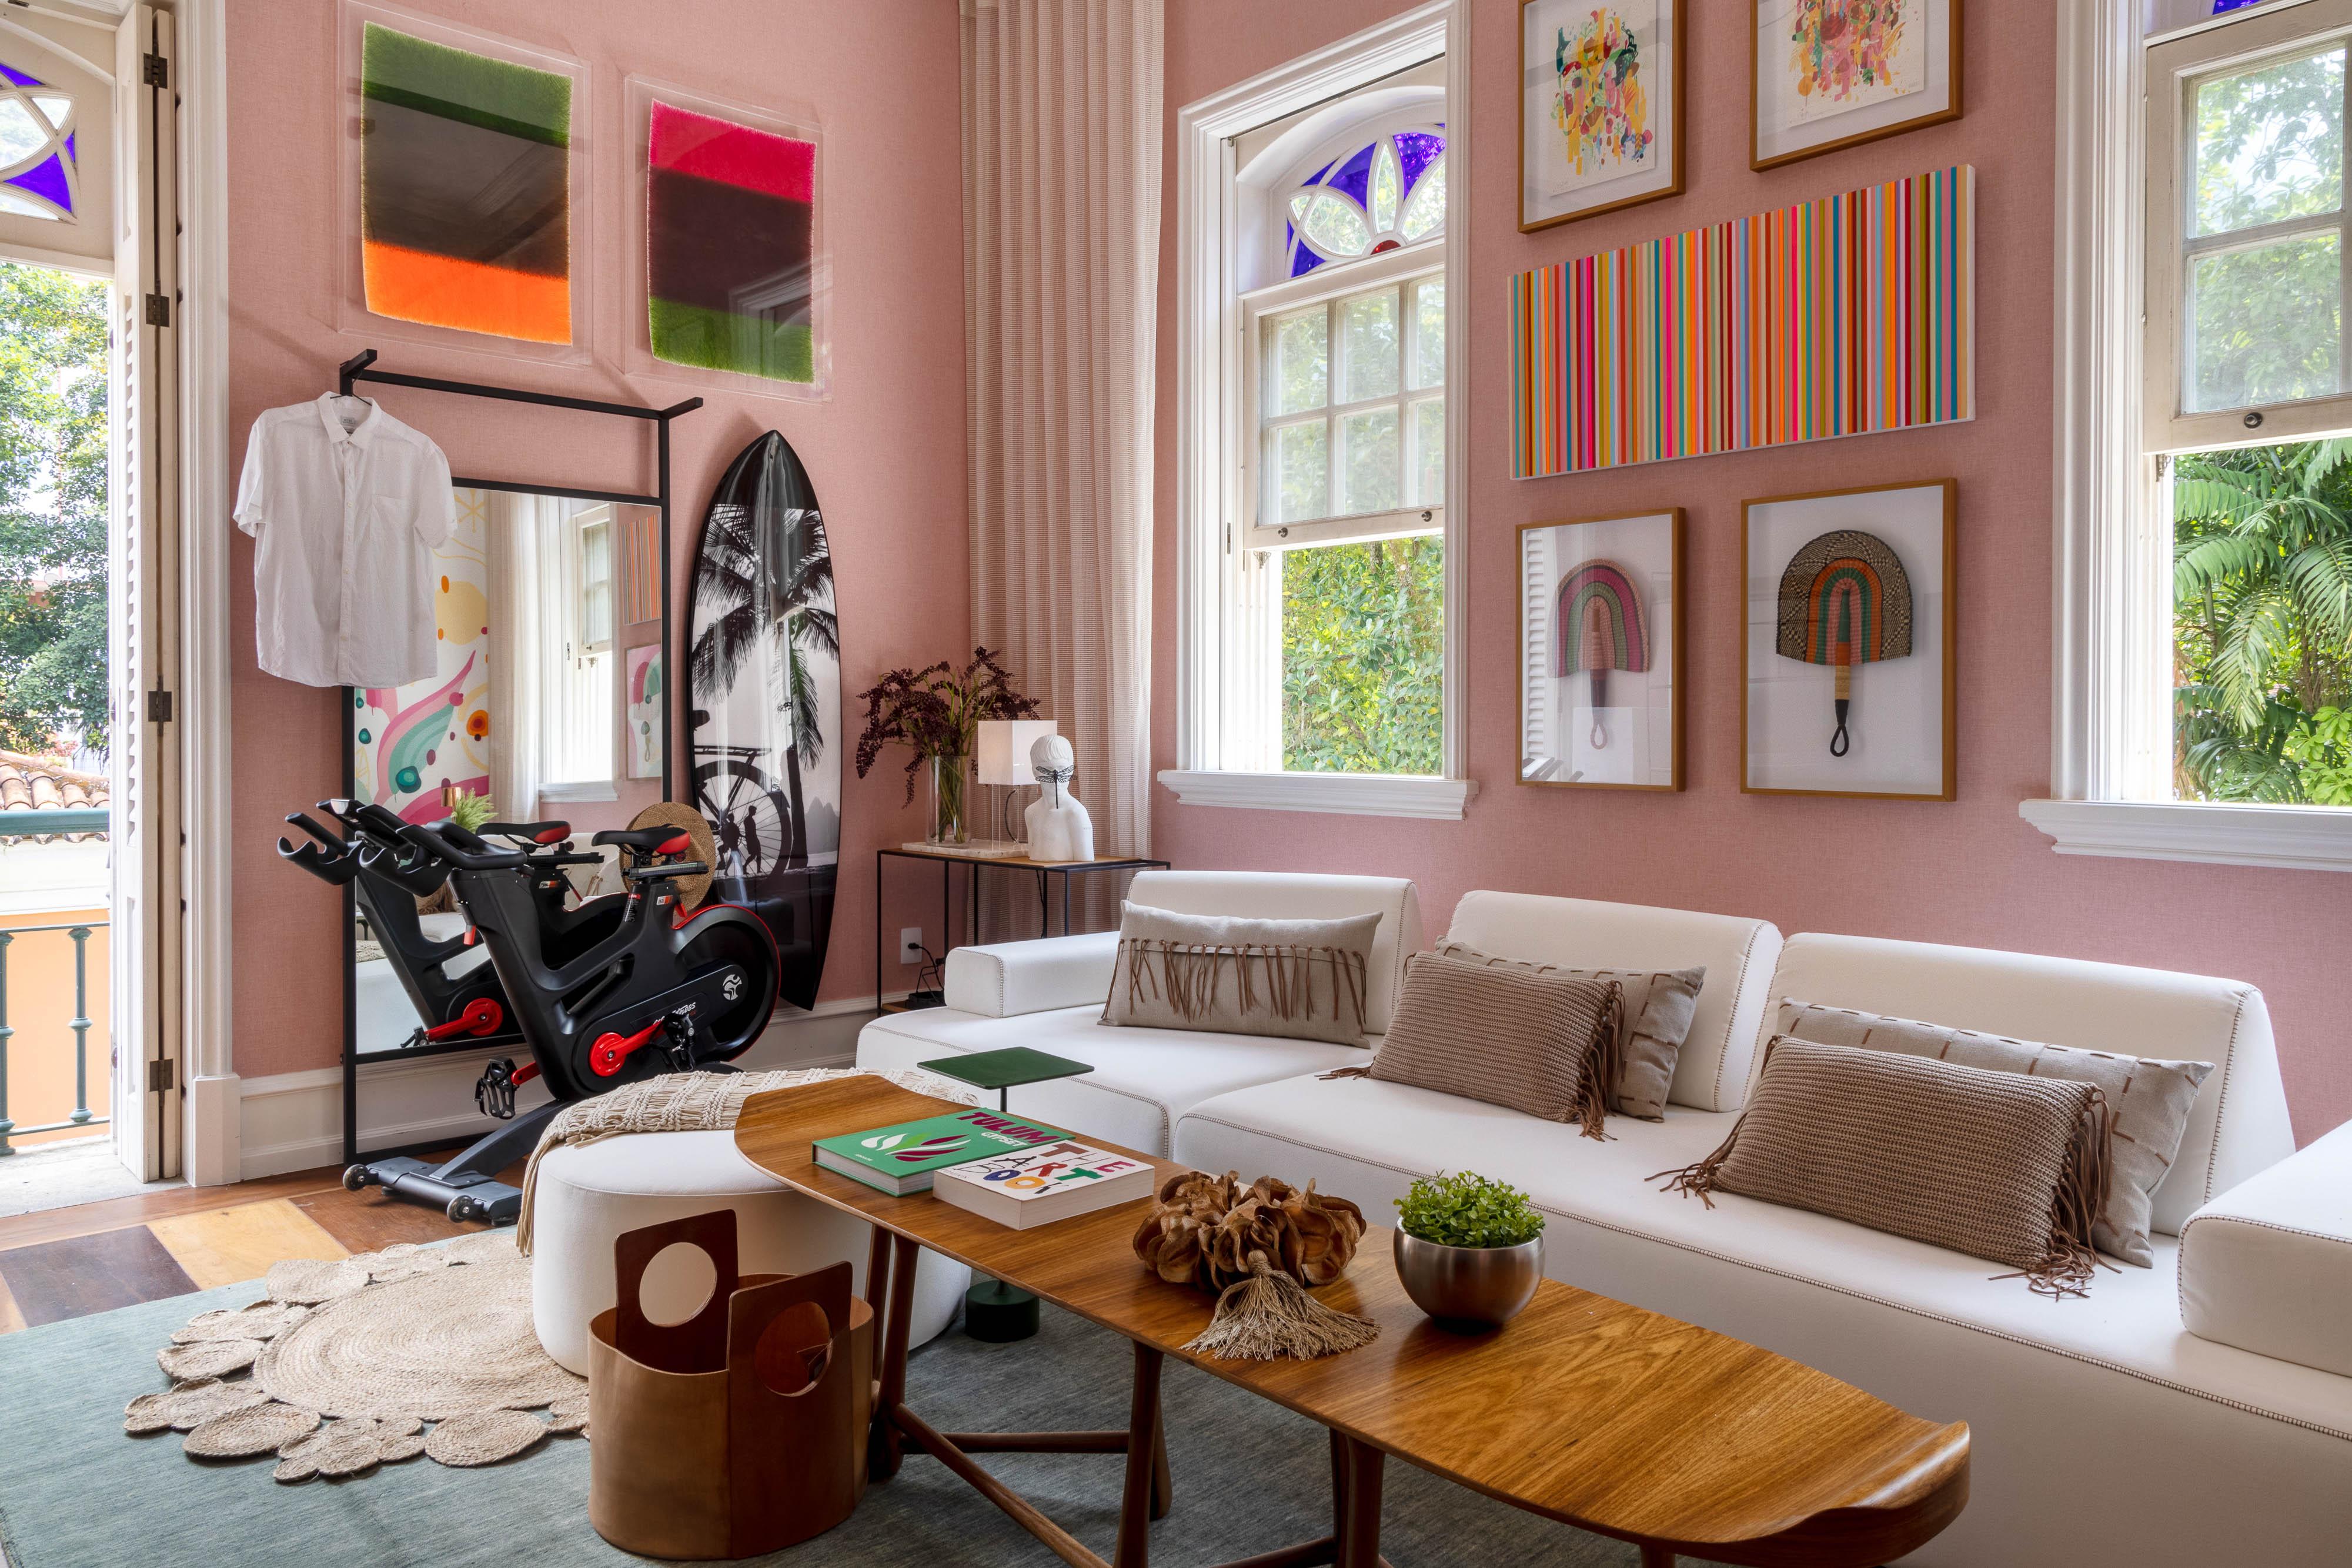 Saleta de estar em tons de rosa, quadros coloridos e uma bicicleta ergométrica